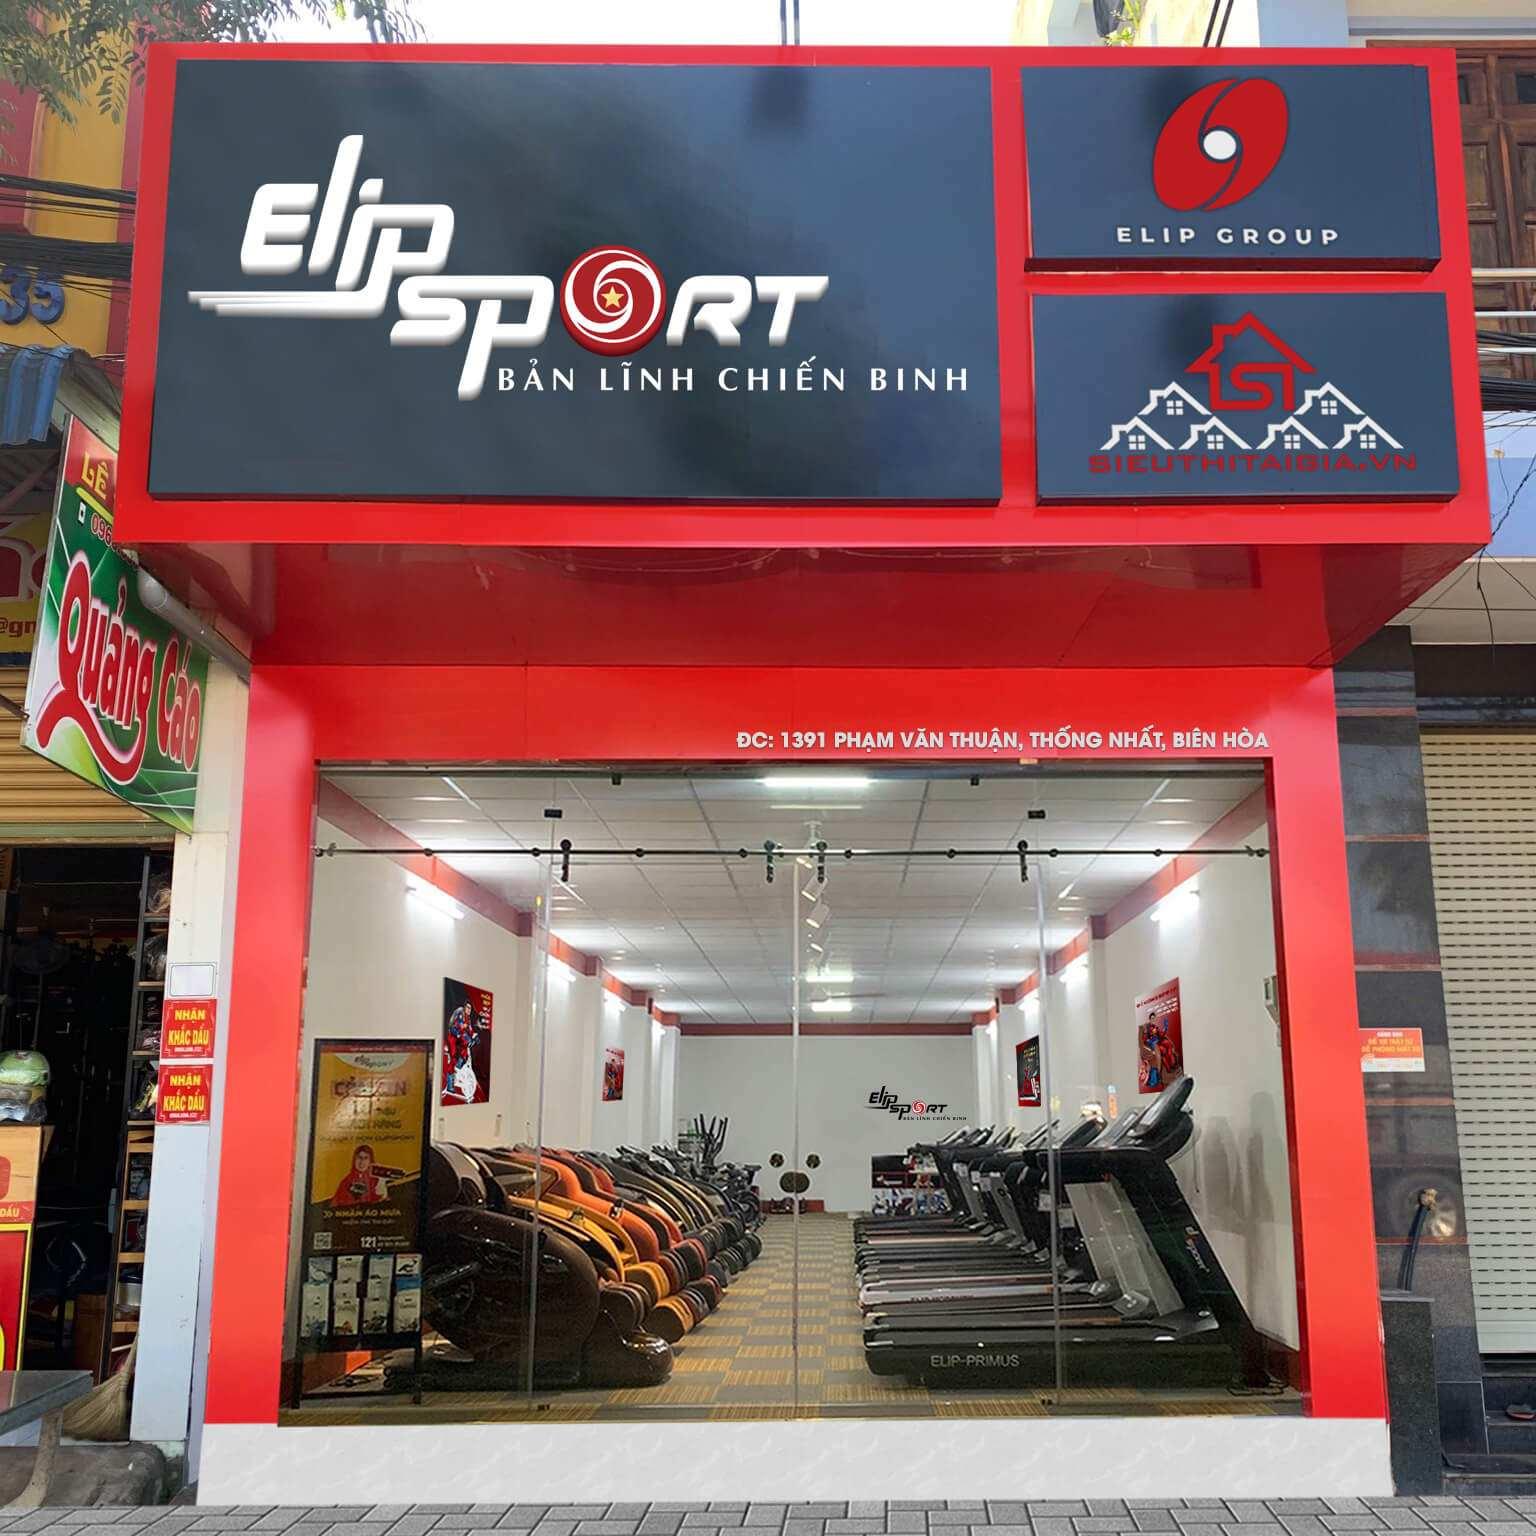 Chi nhánh Elipspot Biên Hòa - Đồng Nai 1